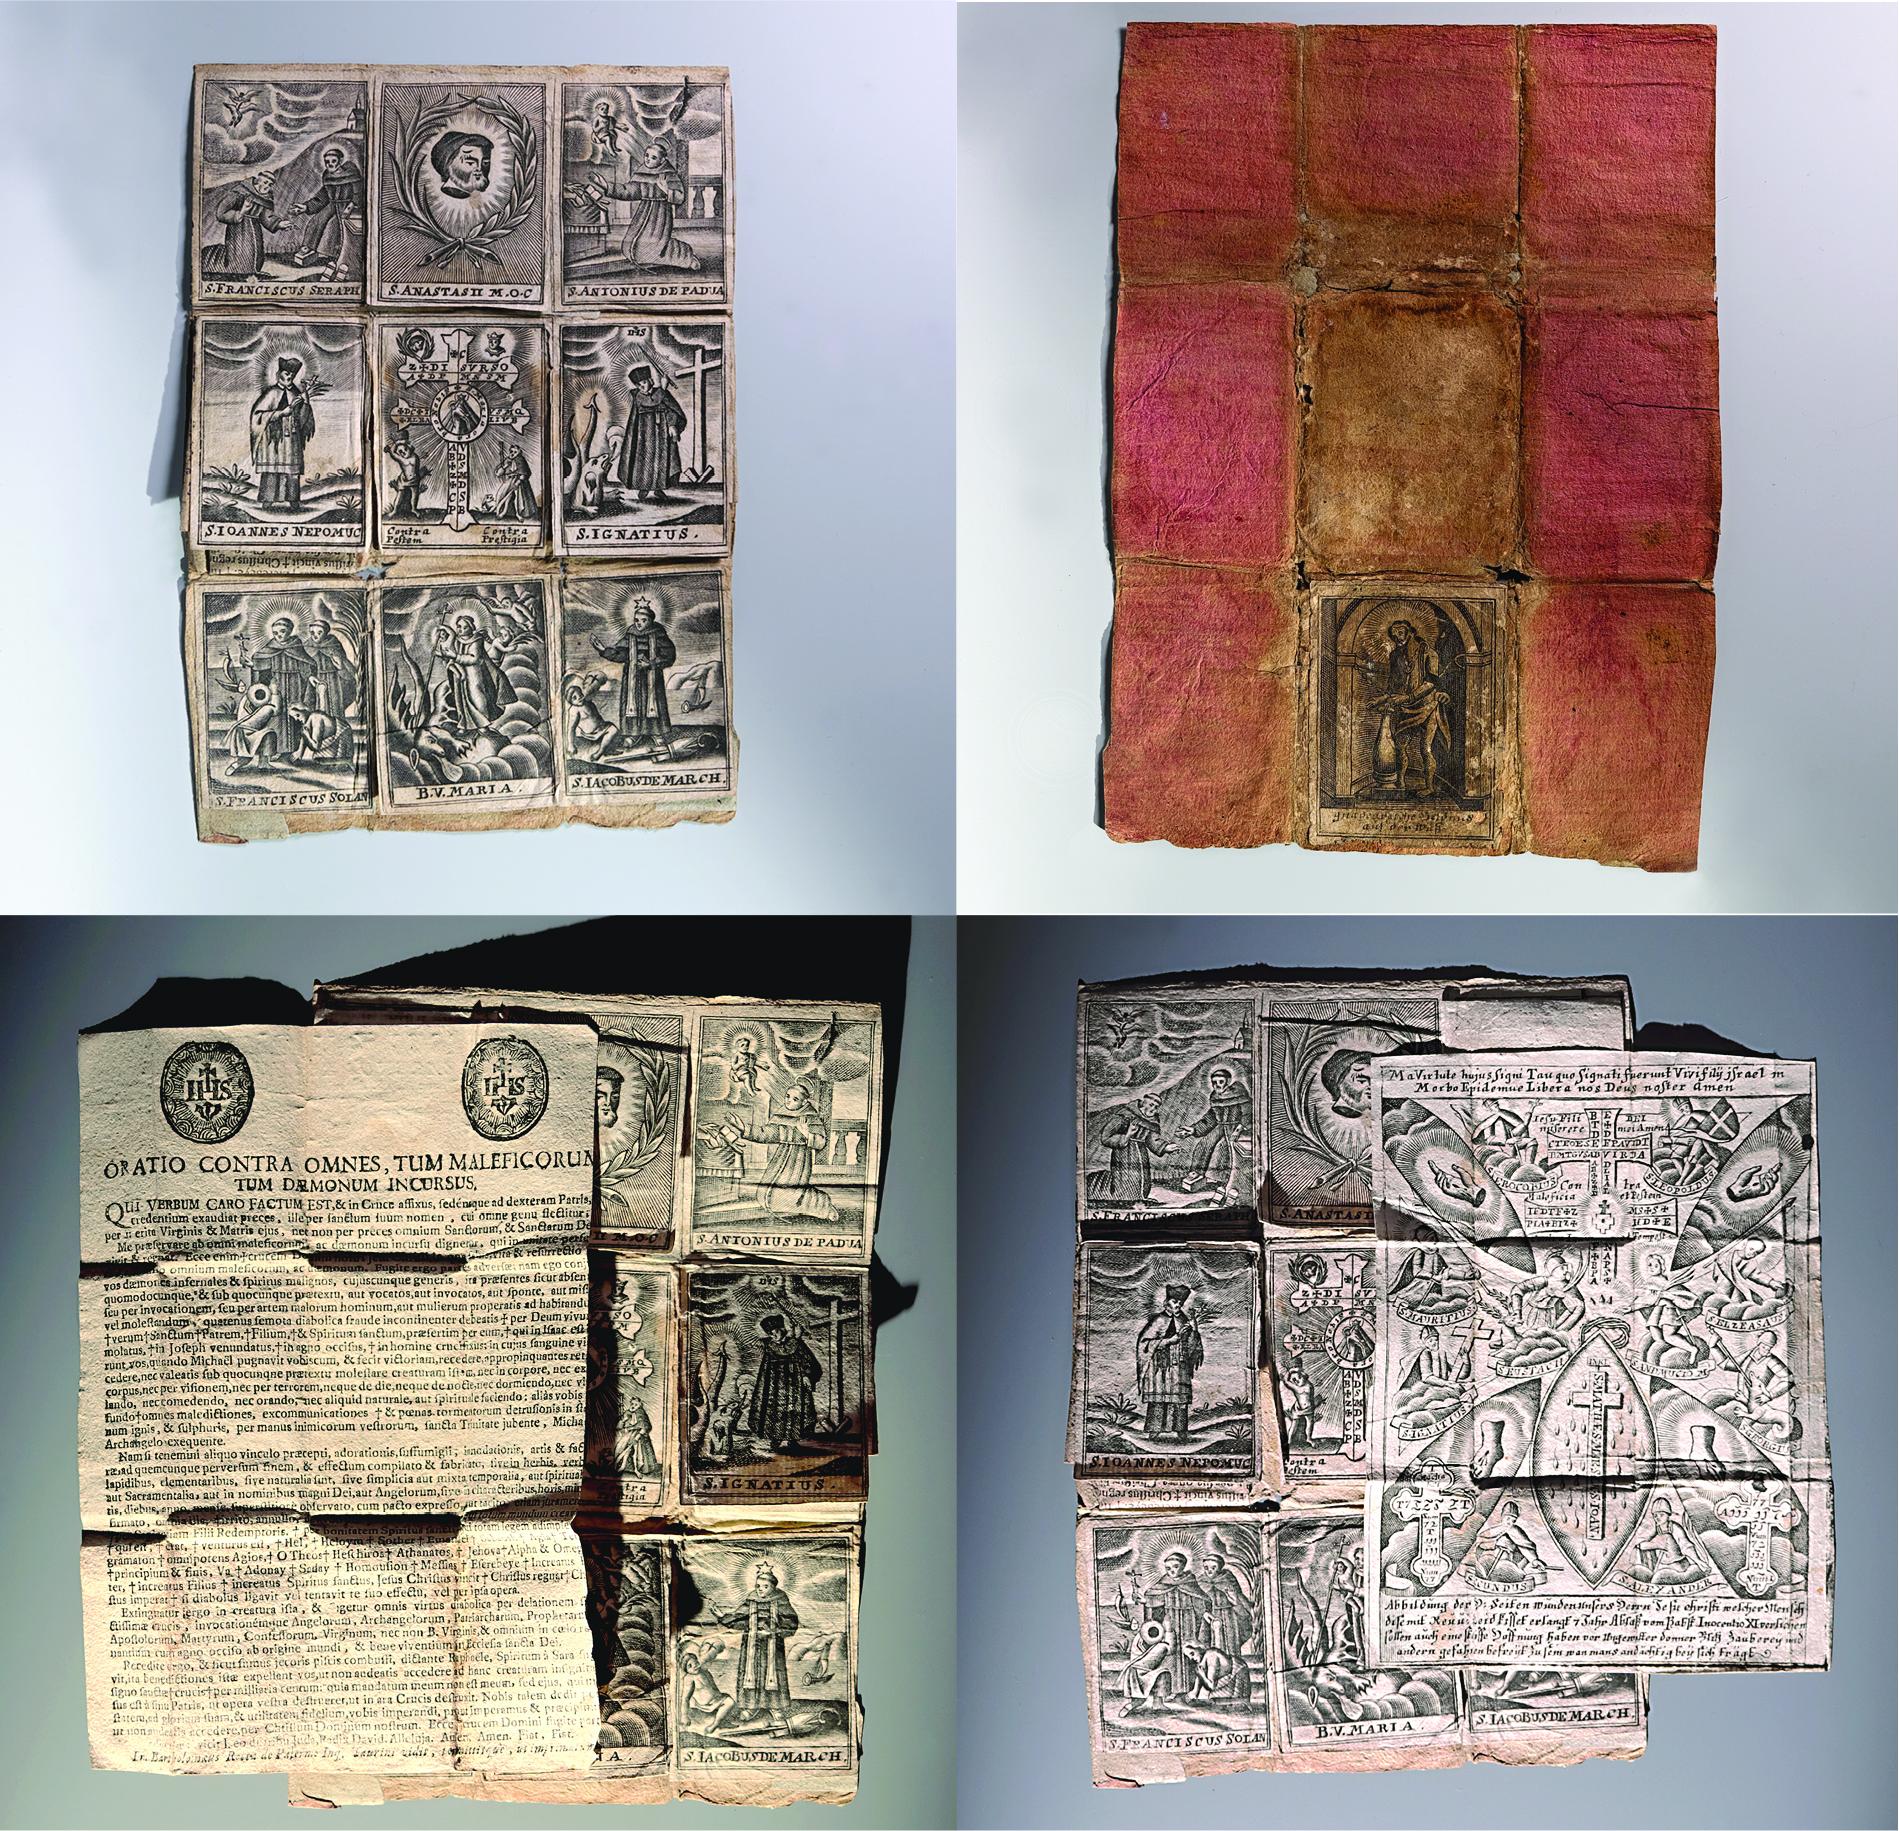 Devítkový políčkový škapulíř tzv. Breverl Tyto škapulíře bývaly zabaleny do pergamenového papíru či plátna a vrchního textilního pouzdra. Tvořil je čtyřikrát přeložený aršík papíru s devíti políčky s nalepenými tištěnými obrázky svatých, sestavenými tak, aby zajistily požehnání a ochranu všeho, co člověk potřeboval k životu. Tuto funkci mělo posílit středové políčko s nalepenými svěceninami, bylinami, svátostkami či modlitbou.